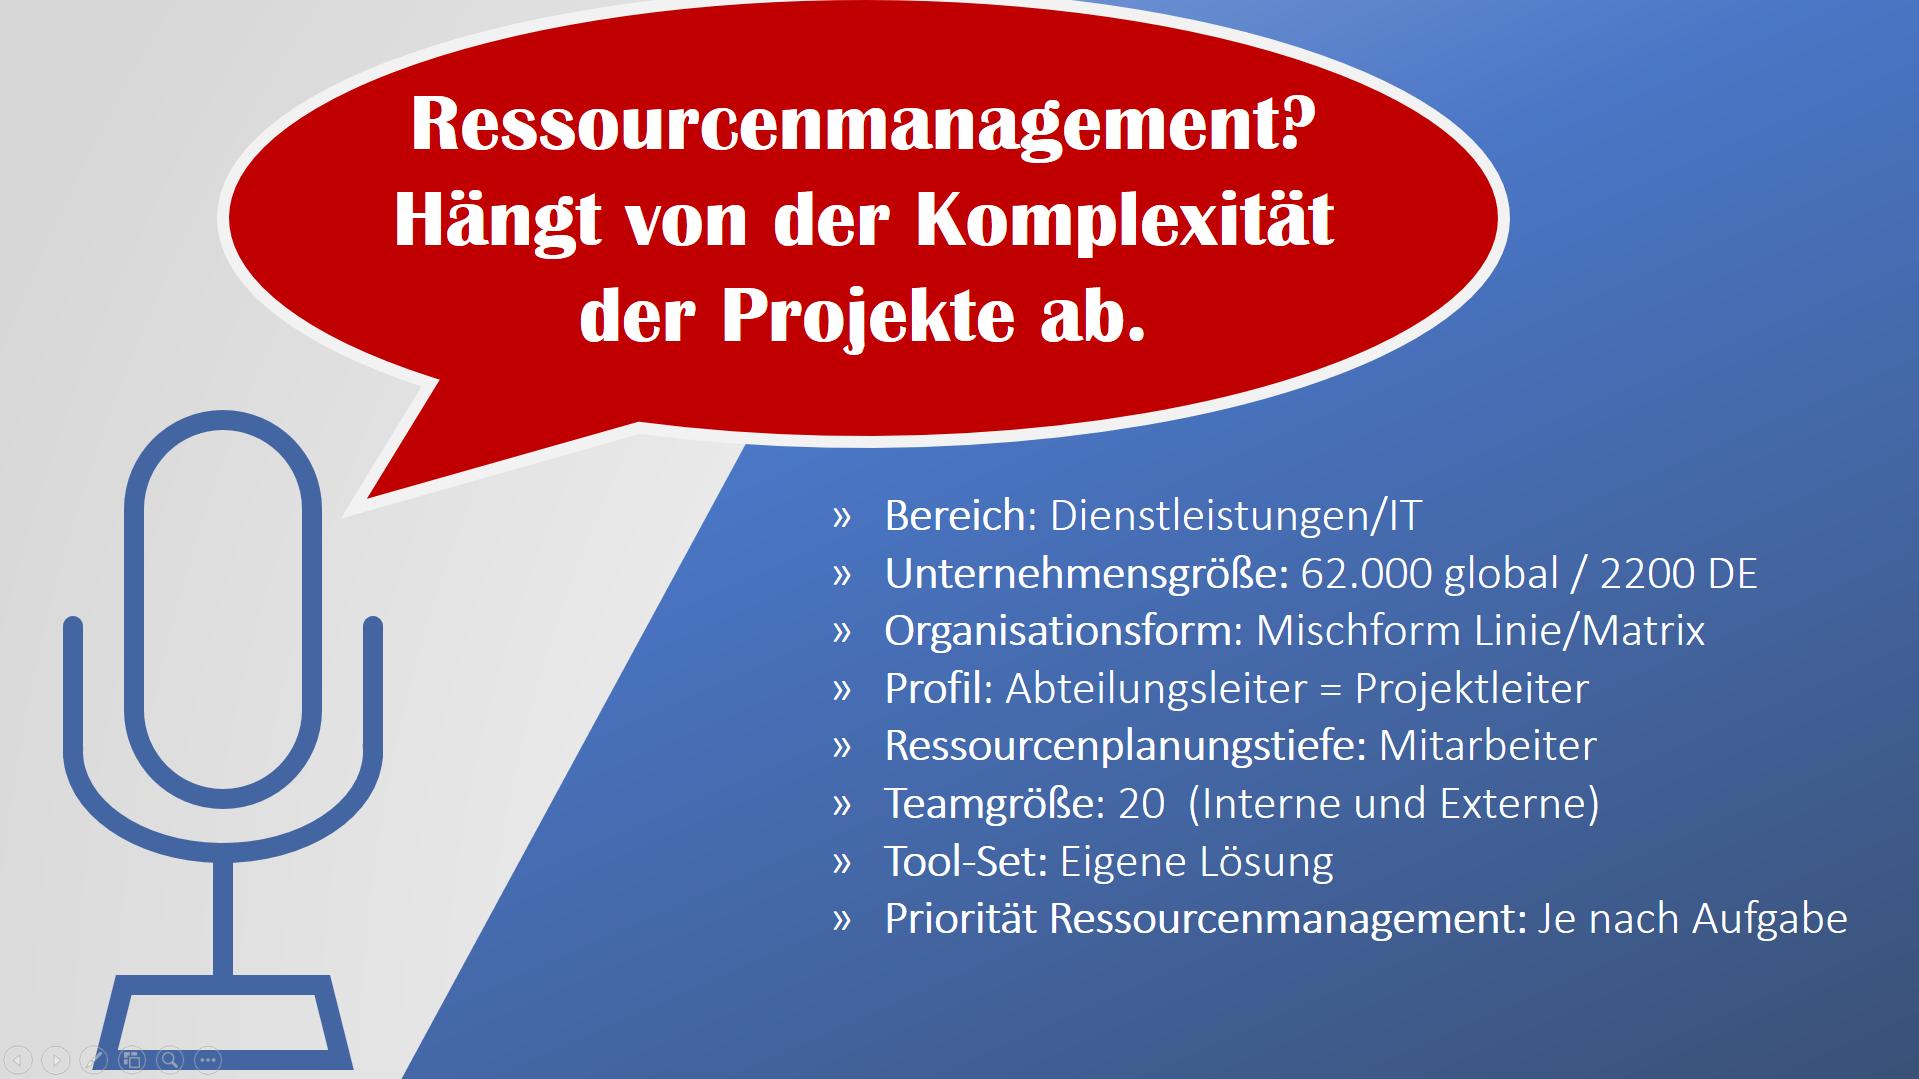 Ressourcenmanagement in Projekten 3